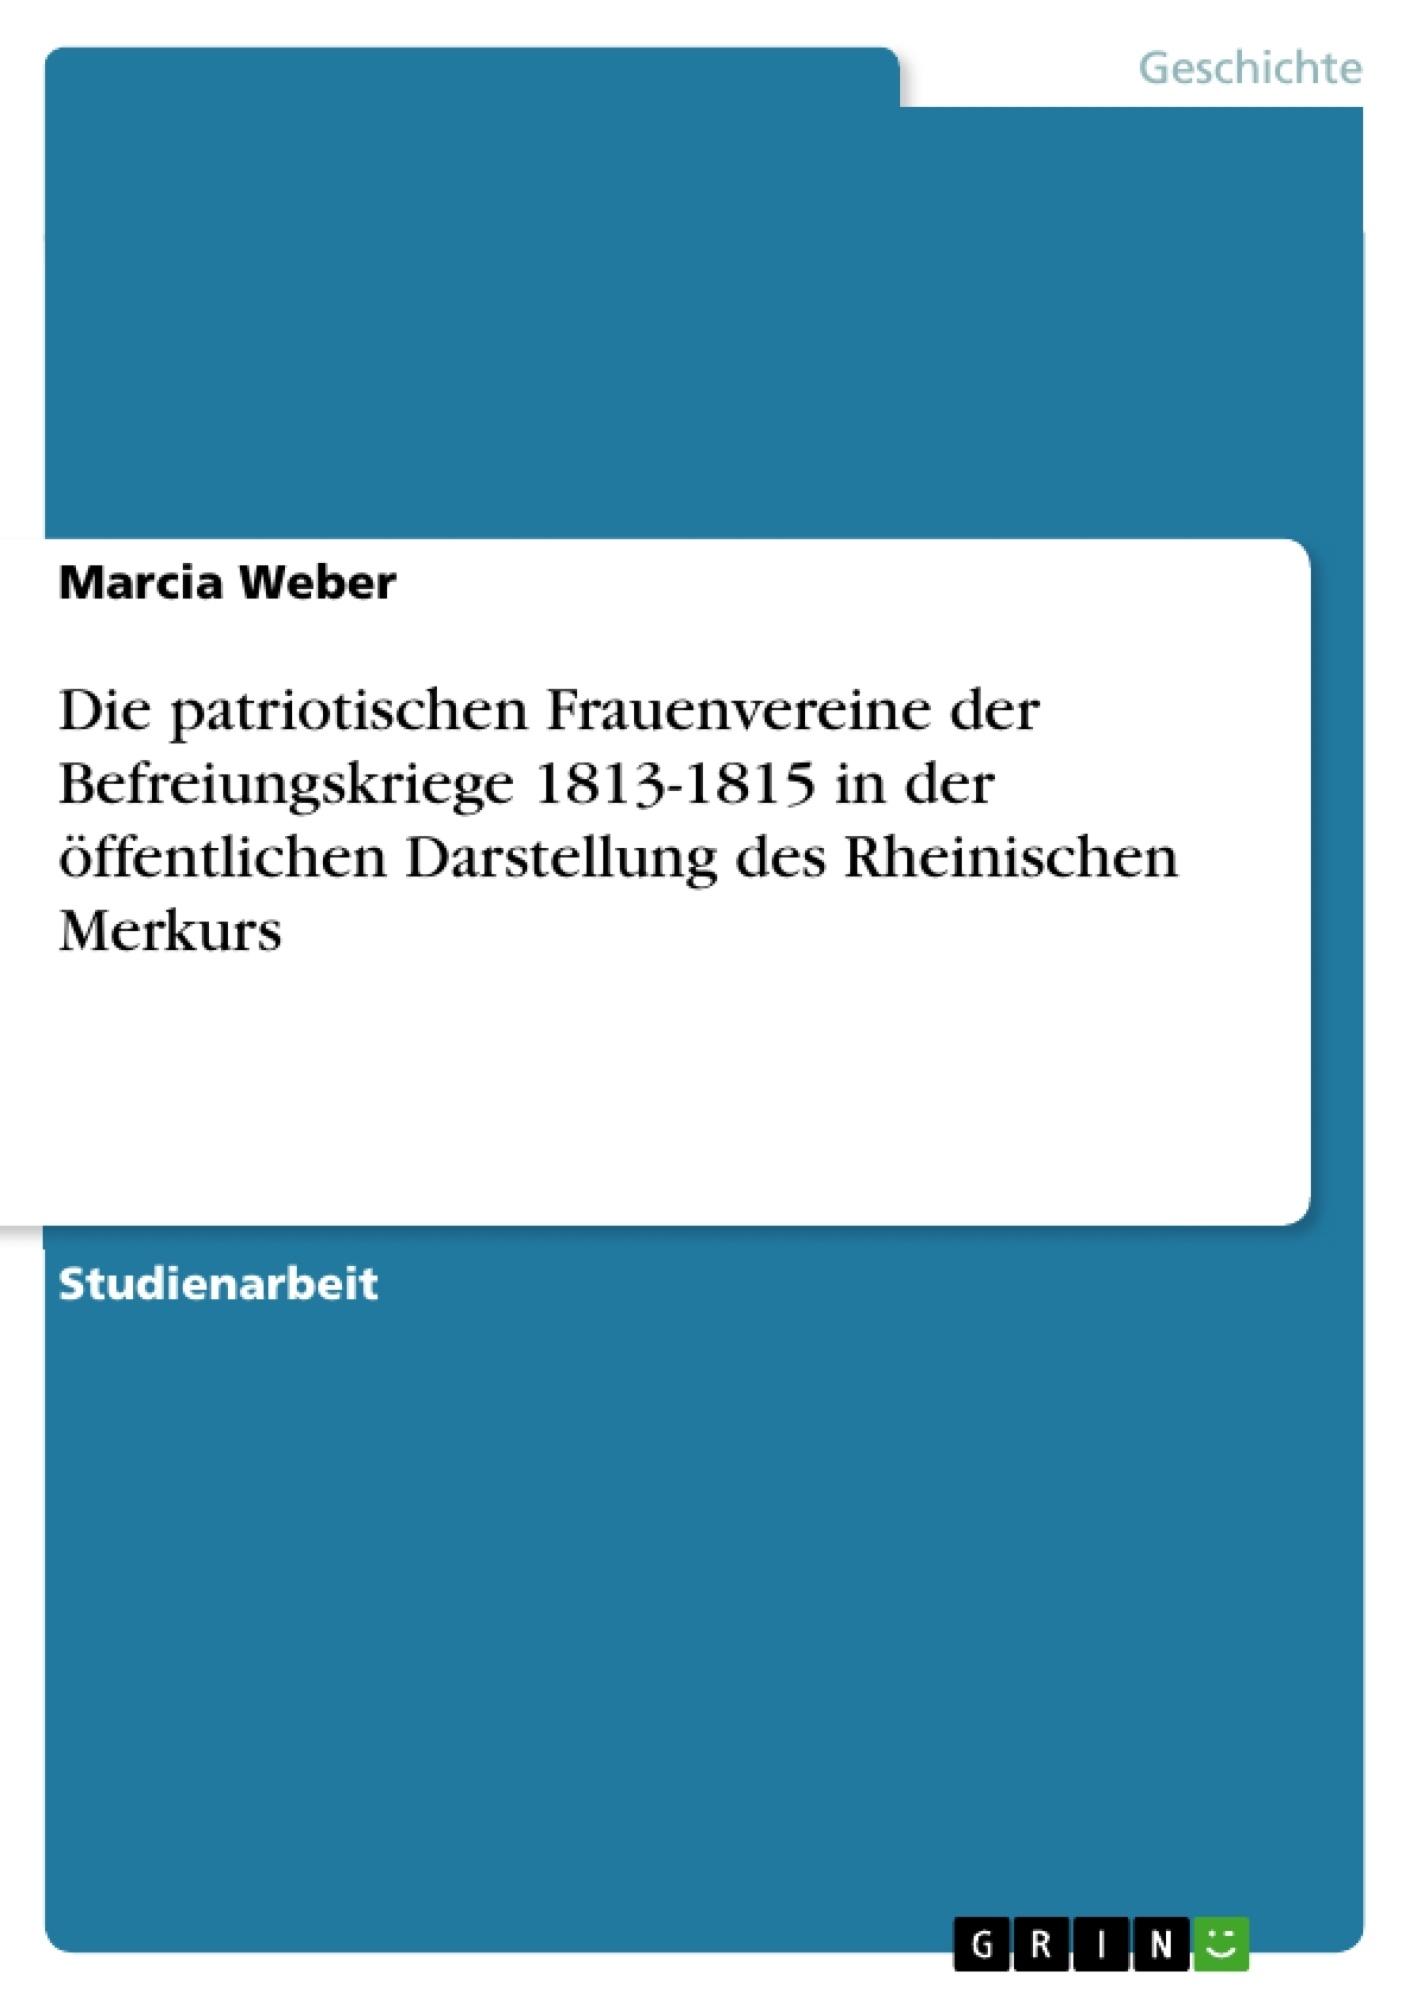 Titel: Die patriotischen Frauenvereine der Befreiungskriege 1813-1815 in der öffentlichen Darstellung des Rheinischen Merkurs